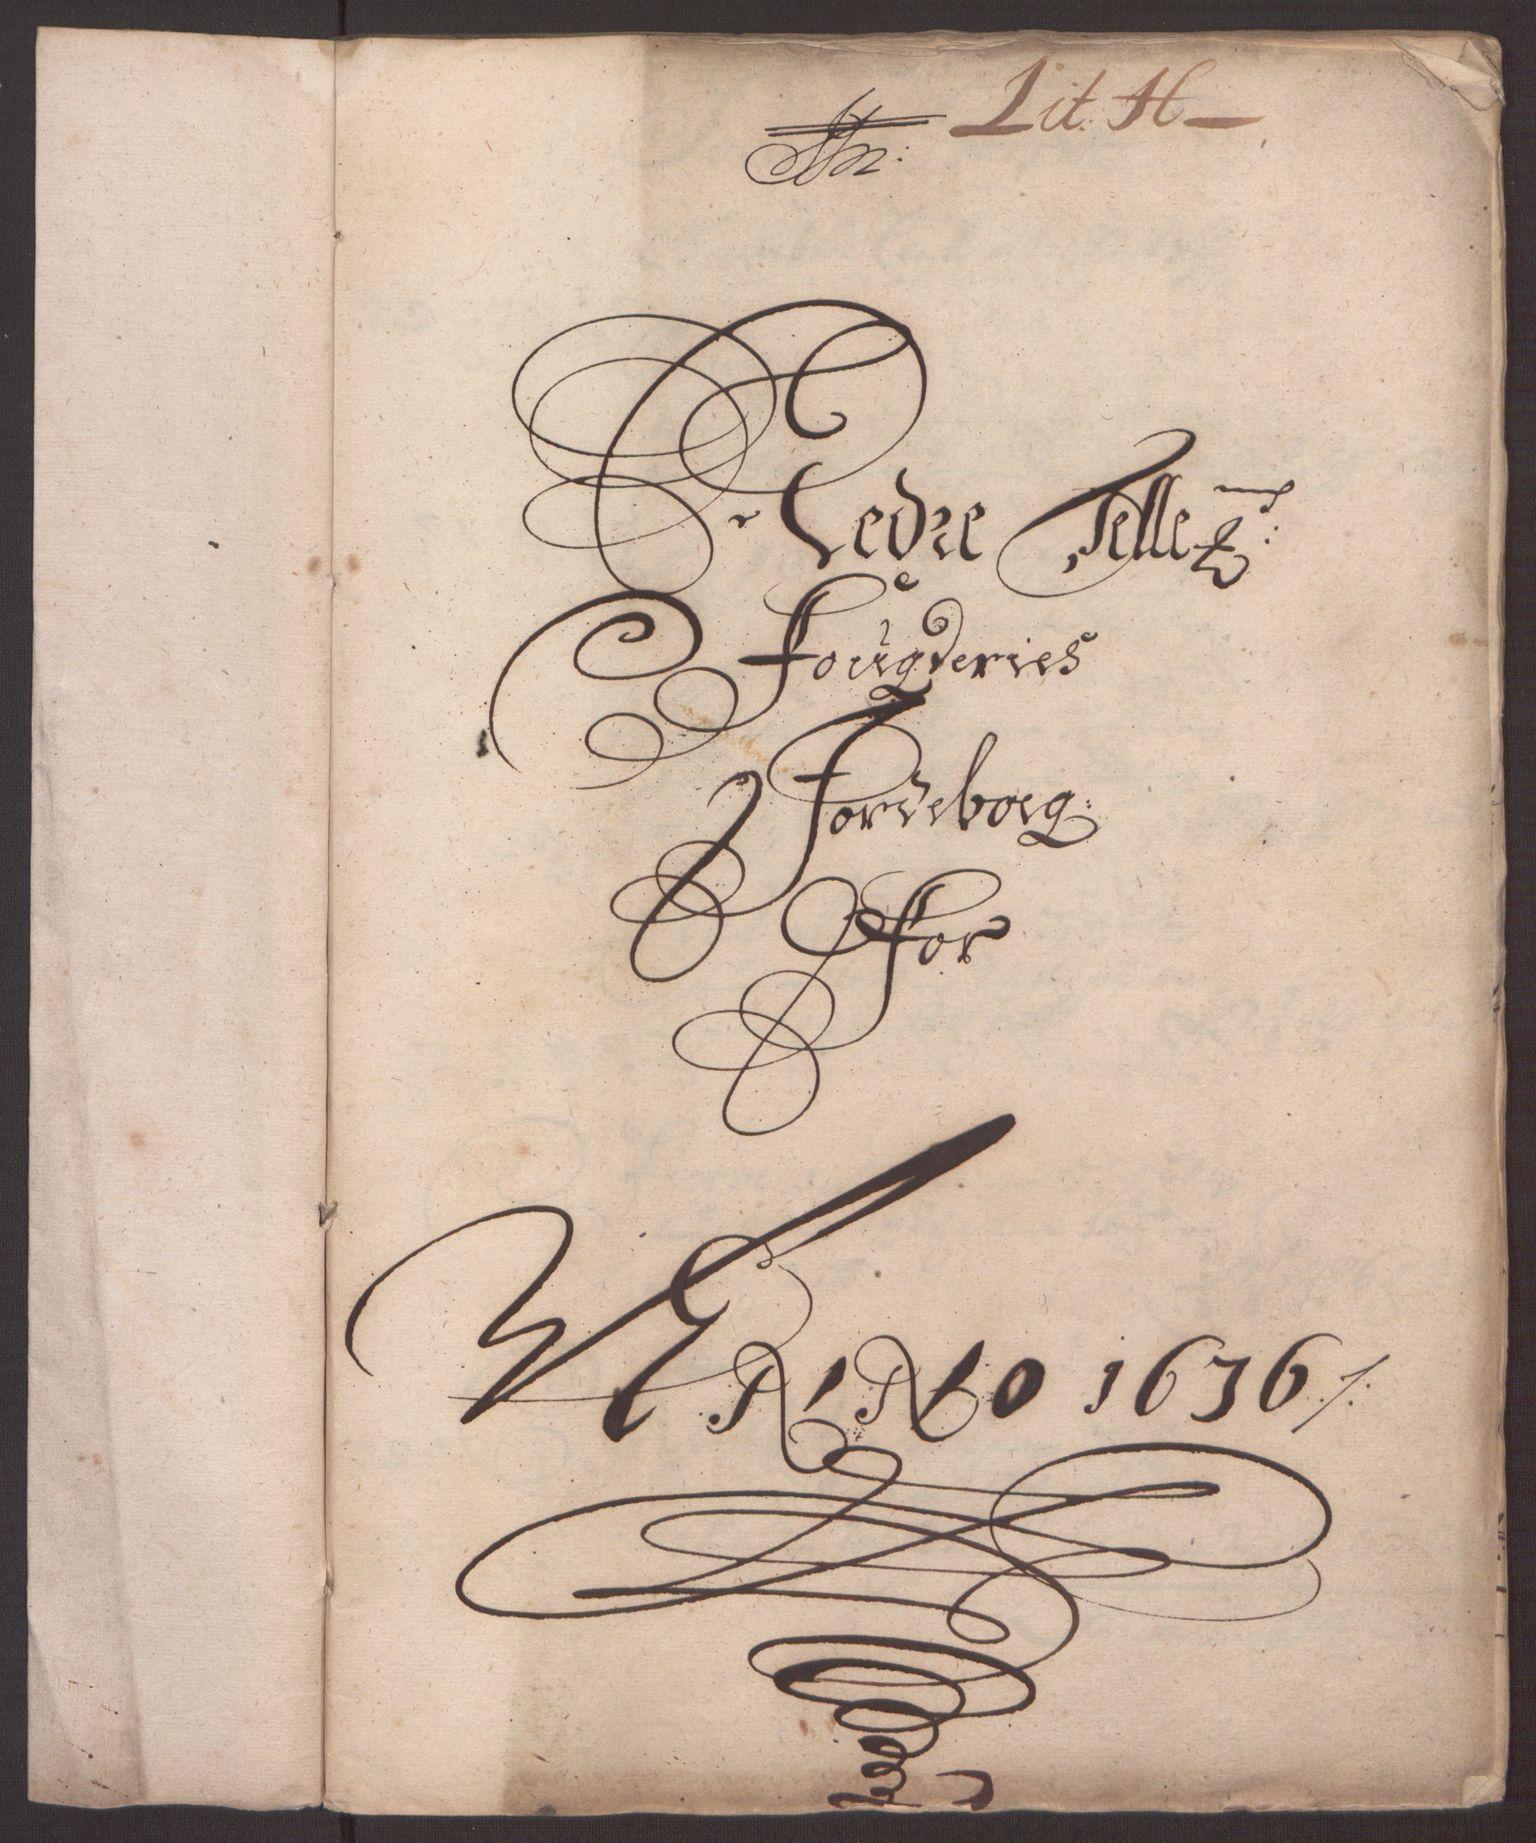 RA, Rentekammeret inntil 1814, Reviderte regnskaper, Fogderegnskap, R35/L2066: Fogderegnskap Øvre og Nedre Telemark, 1676, s. 165